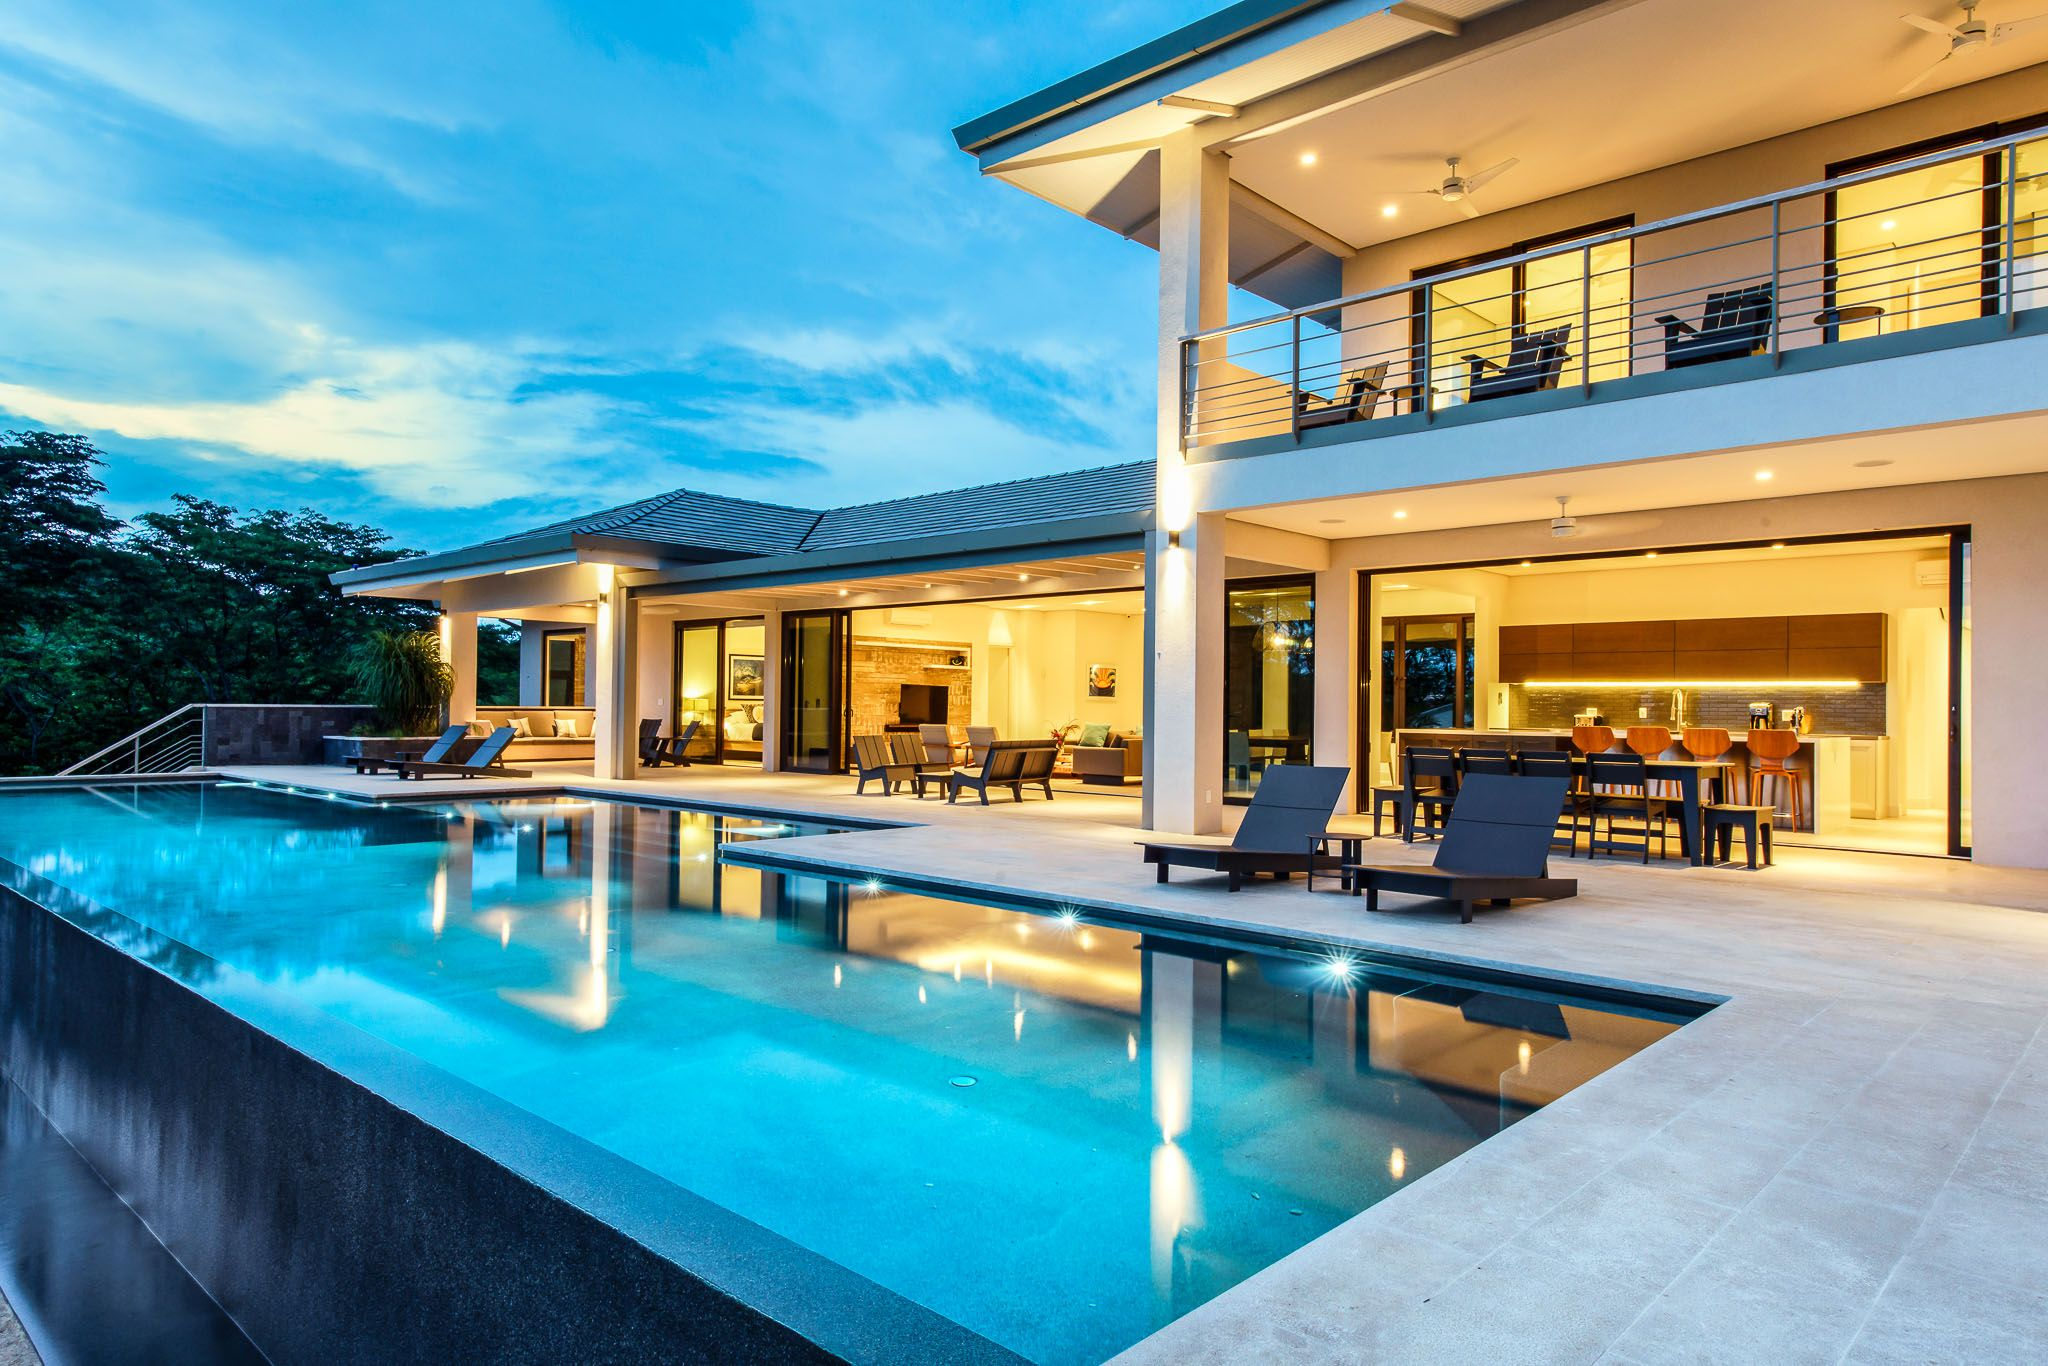 Villa Tropical is a beautiful villa for